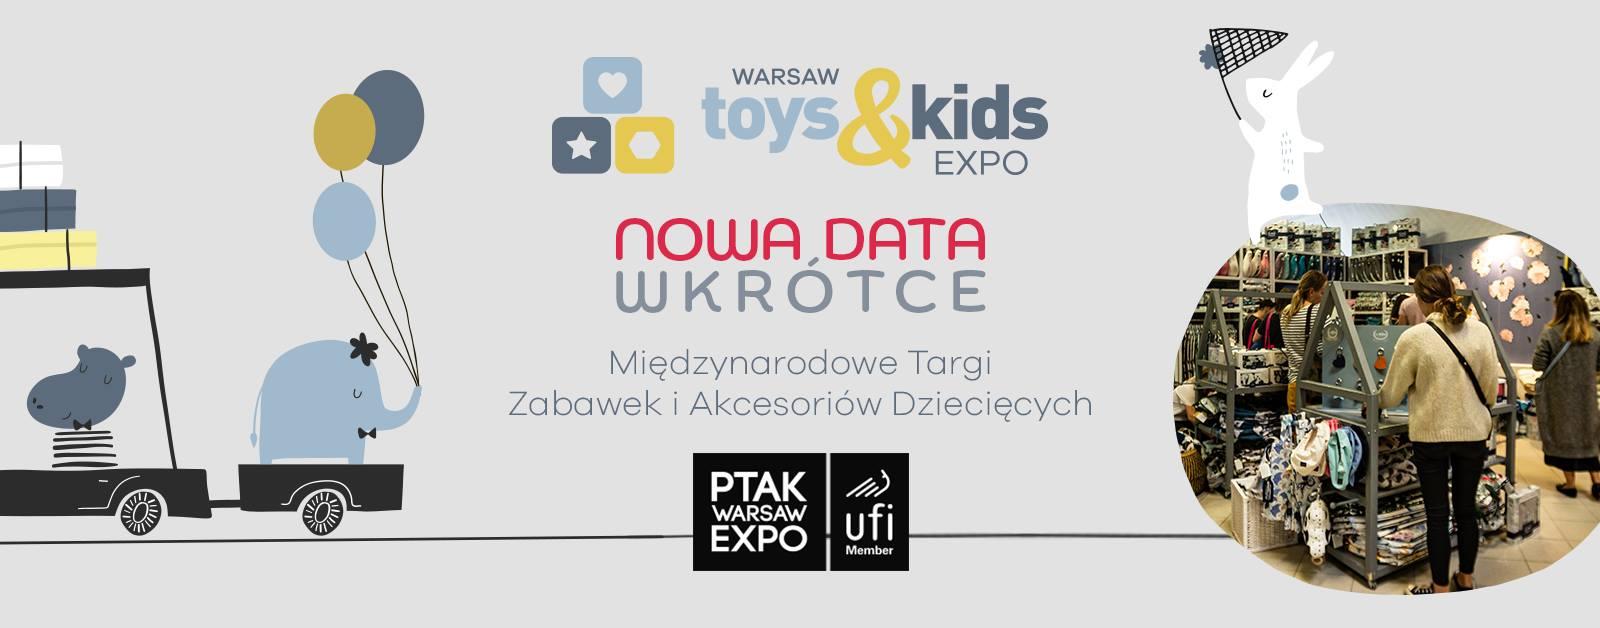 Warsaw Toys&Kids Expo 13 paź  – 14 paź